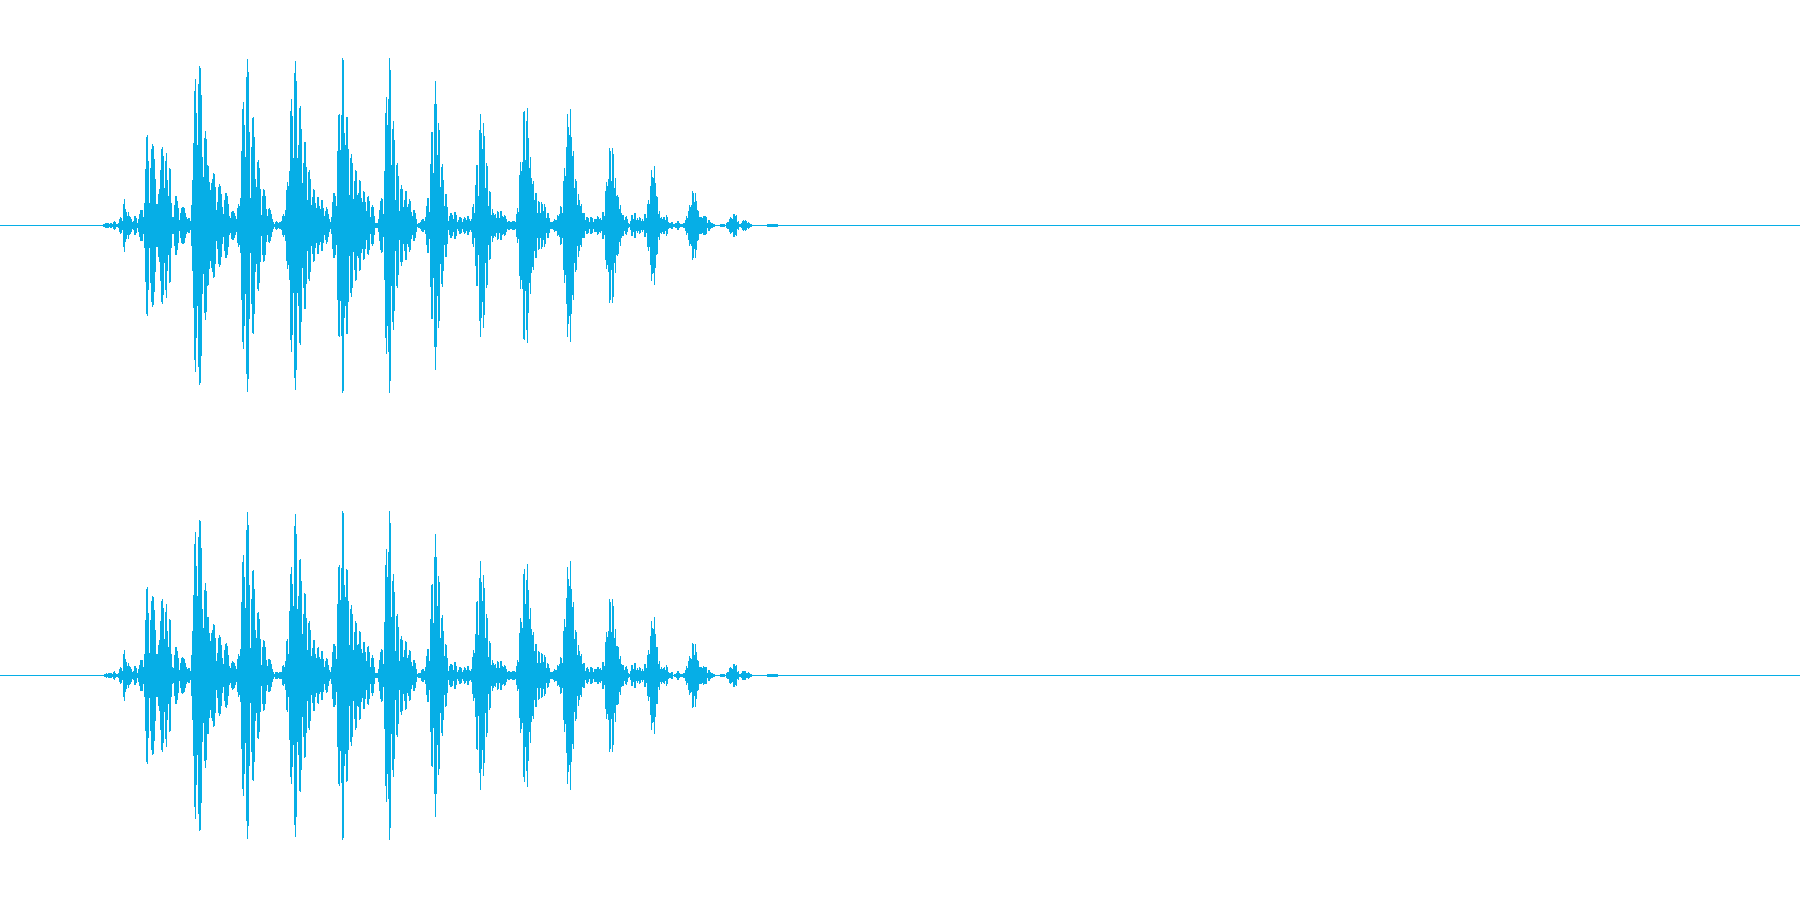 パッという短くて可愛らしい音の再生済みの波形